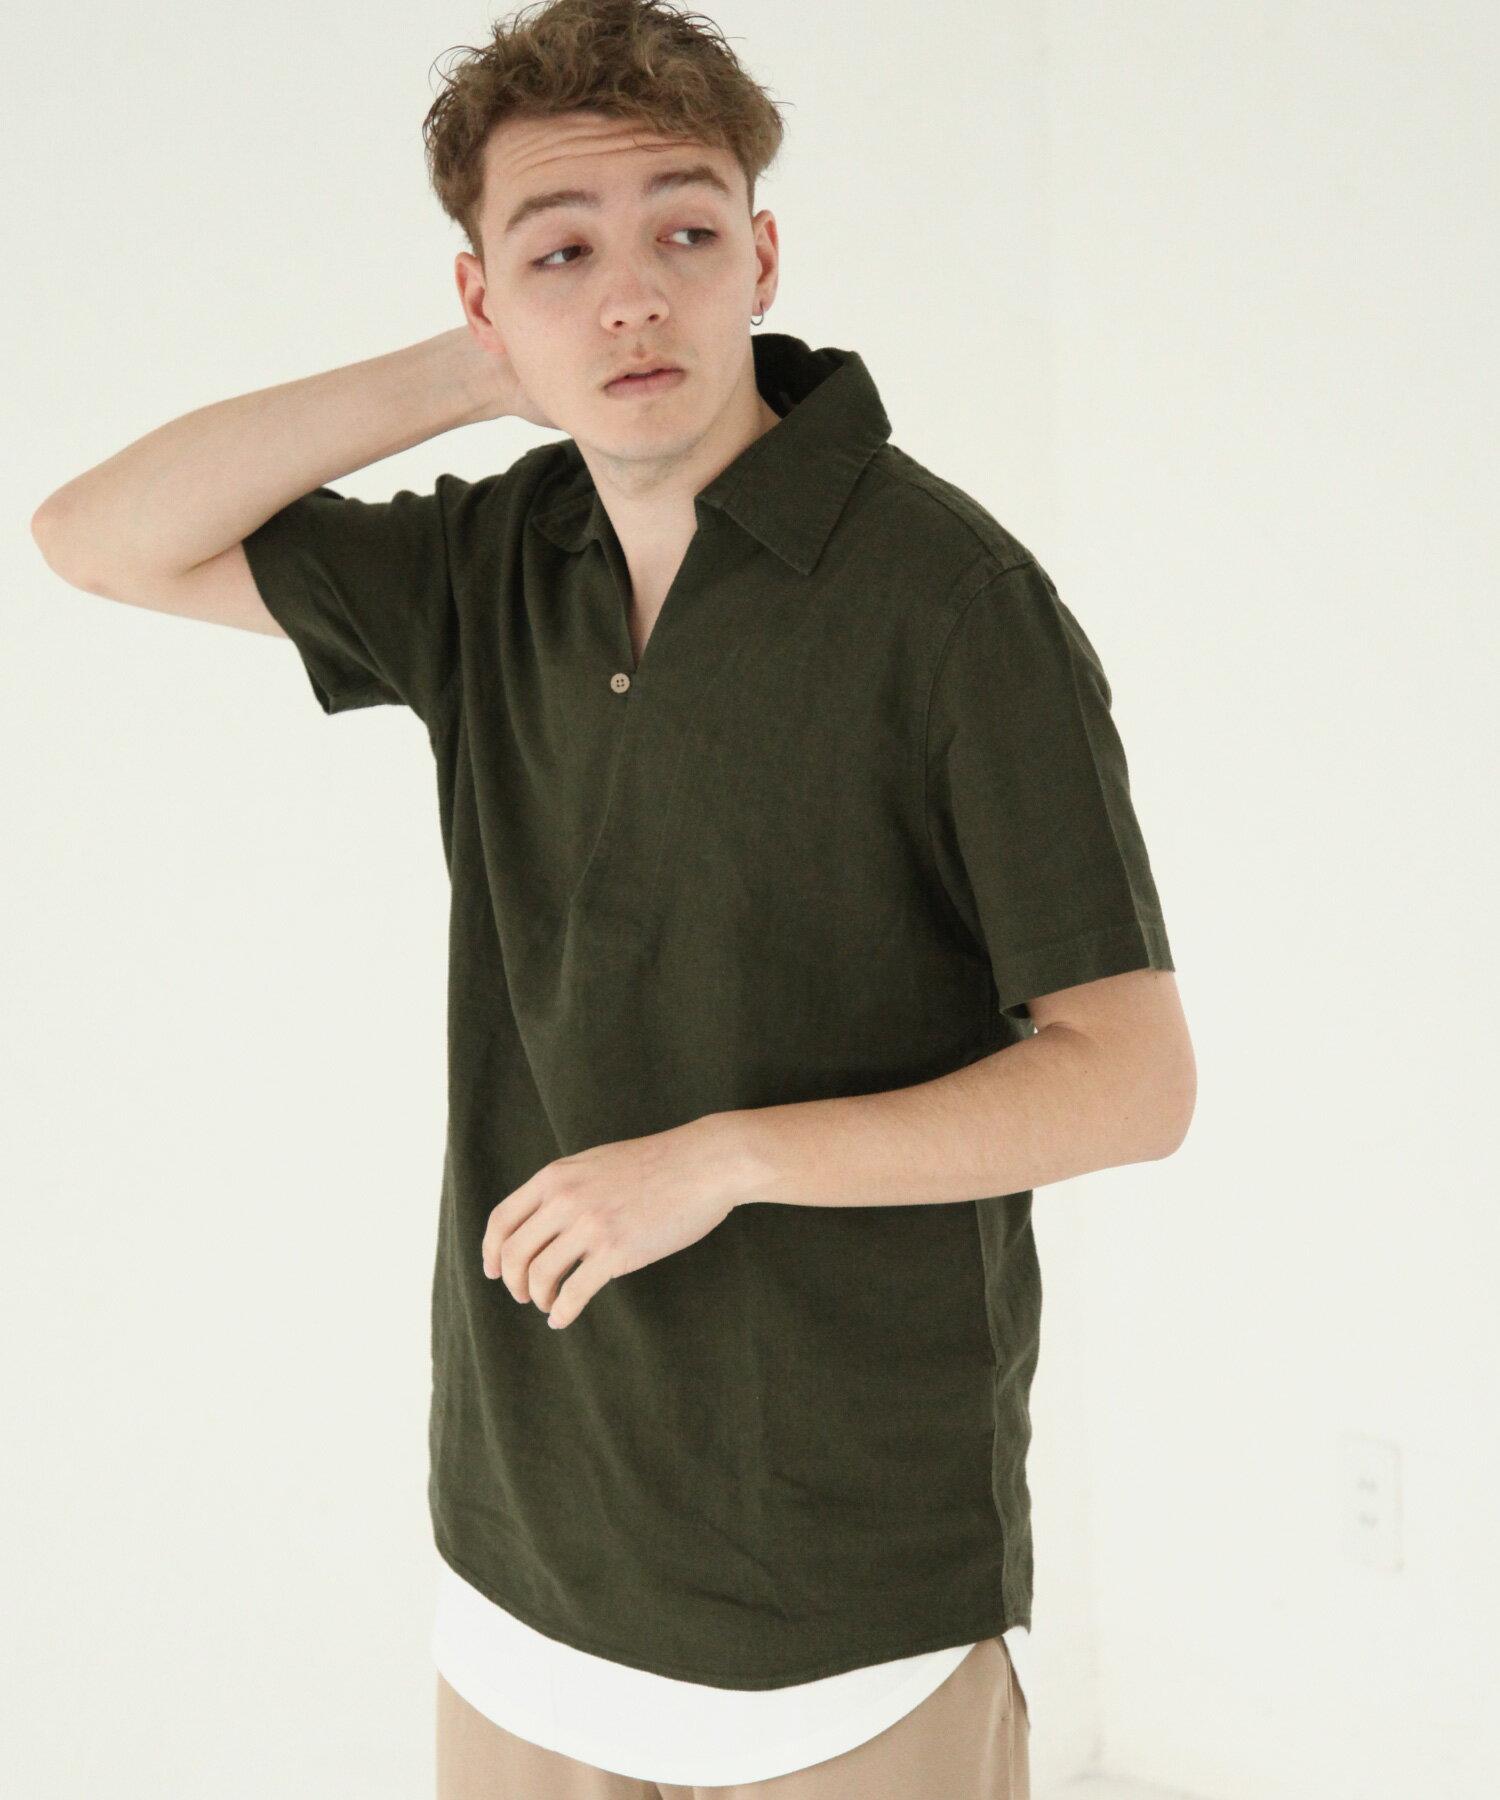 【Nilway】短袖棉麻套頭衫 1